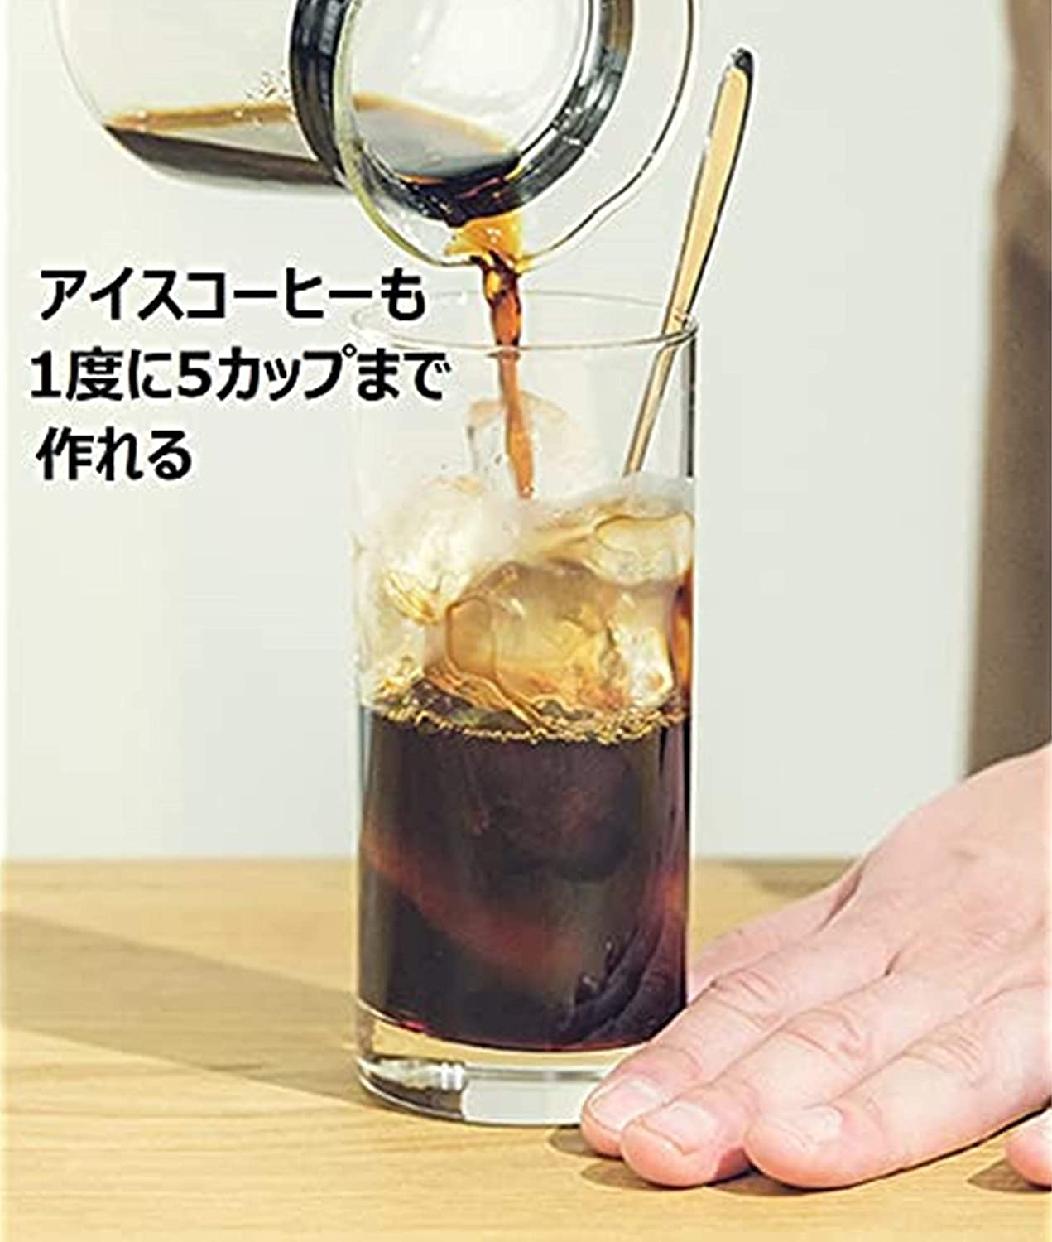 Panasonic(パナソニック)沸騰浄水コーヒーメーカー NC-A57の商品画像8